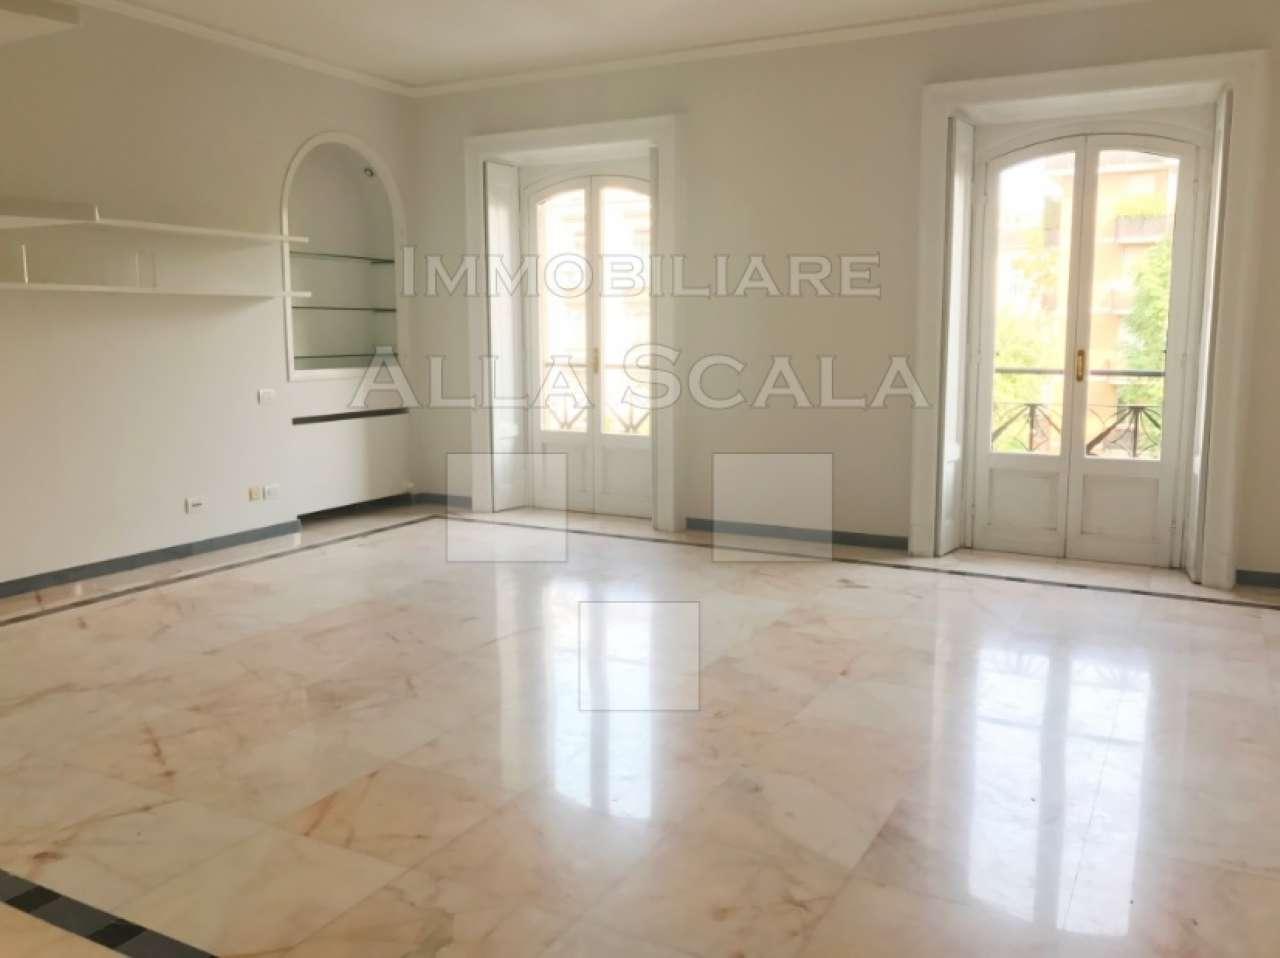 Appartamento in affitto a Milano, 5 locali, zona Zona: 1 . Centro Storico, Duomo, Brera, Cadorna, Cattolica, prezzo € 3.500   CambioCasa.it